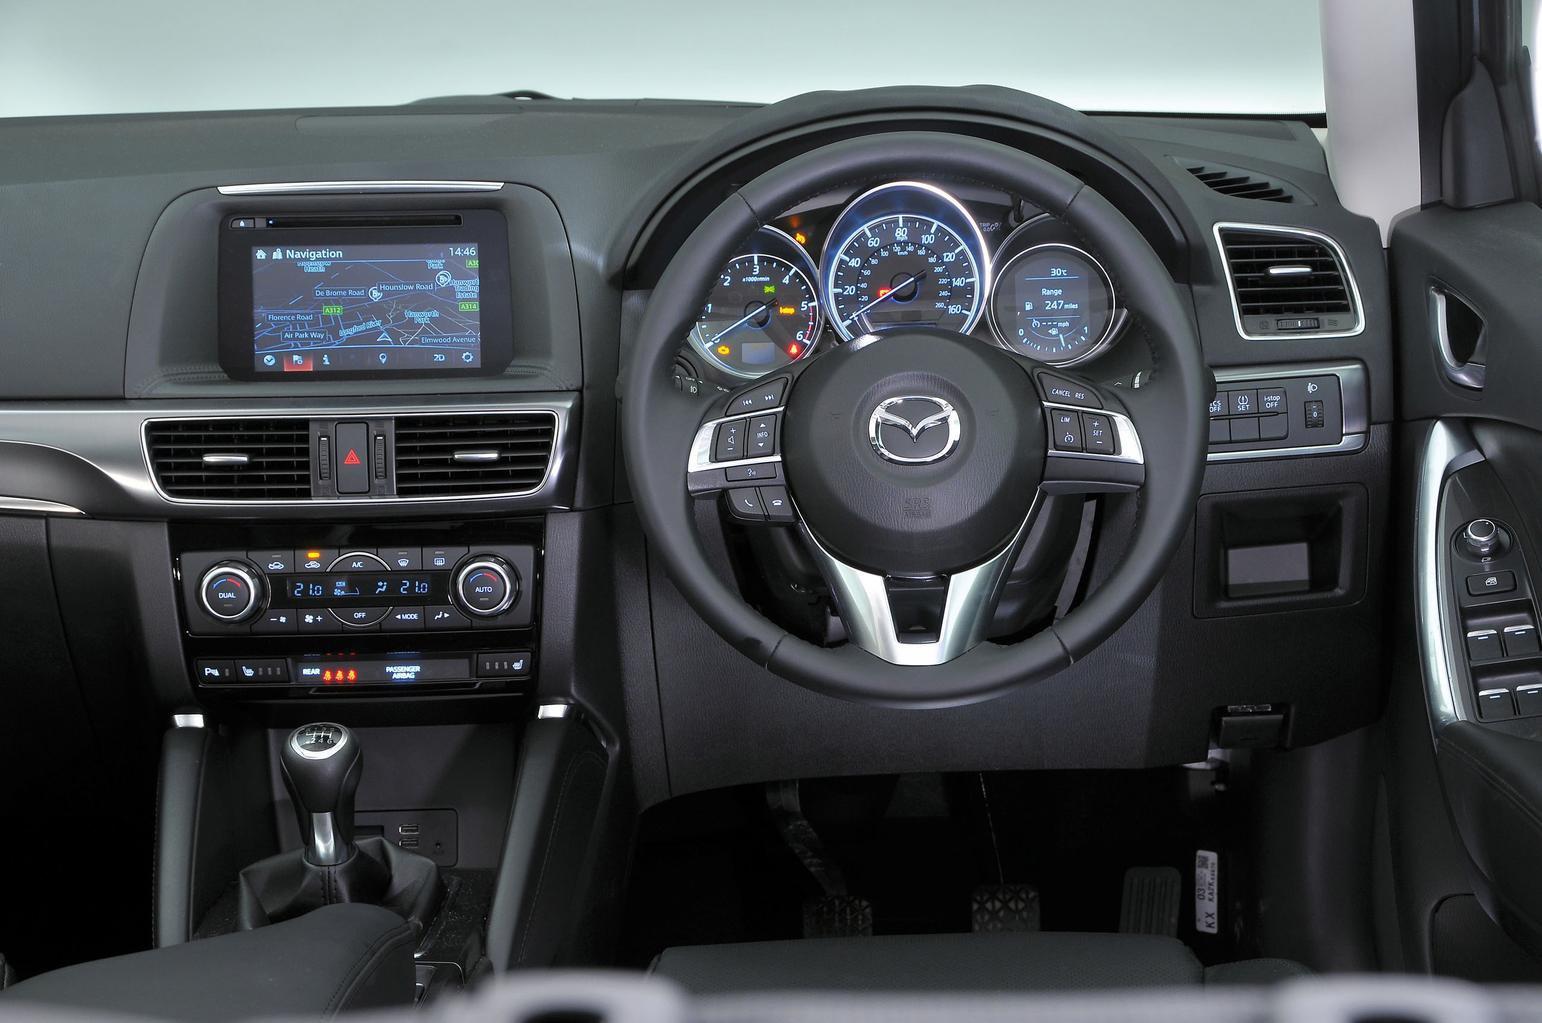 BMW X1 vs Mazda CX-5 vs Volkswagen Tiguan